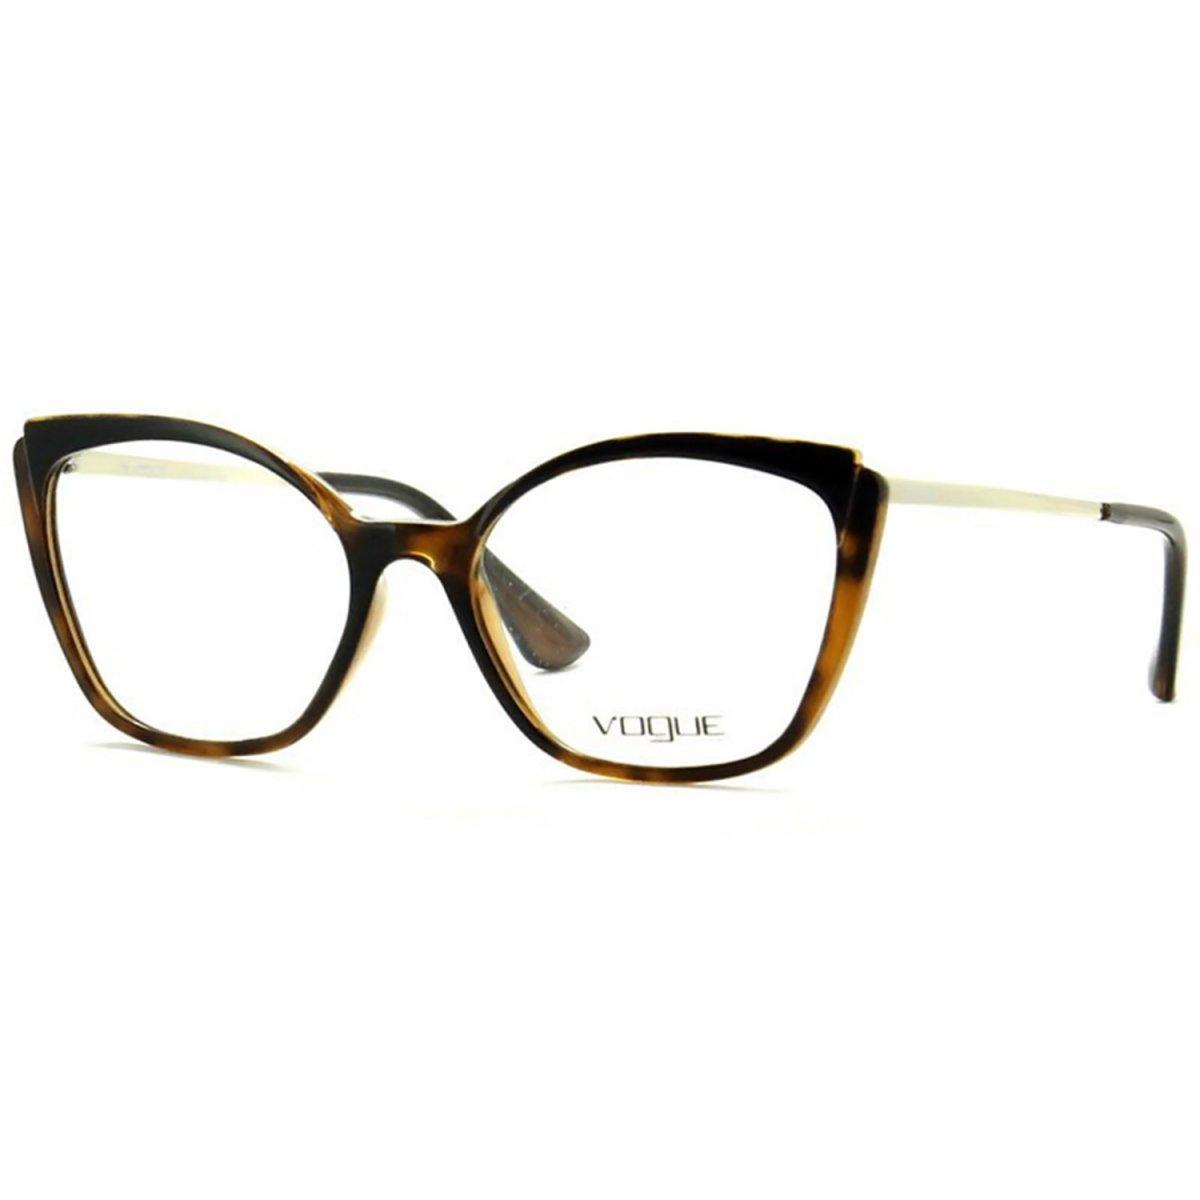 10d780f38 Óculos de Grau Feminino Vogue | Óculos de Grau Vogue VO5265L-W656 53